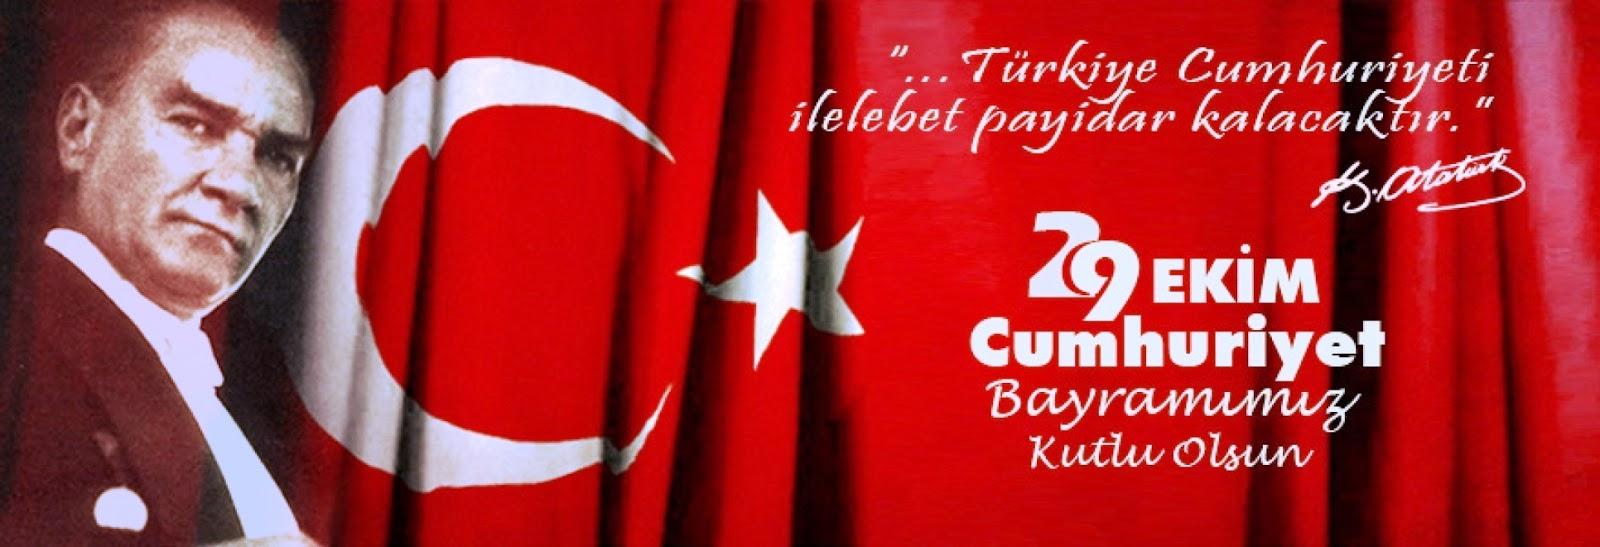 29 EkimTürkiye Cumhuriyeti ilelebet payidar kalacaktır Atatürk sözü inşallah.jpg